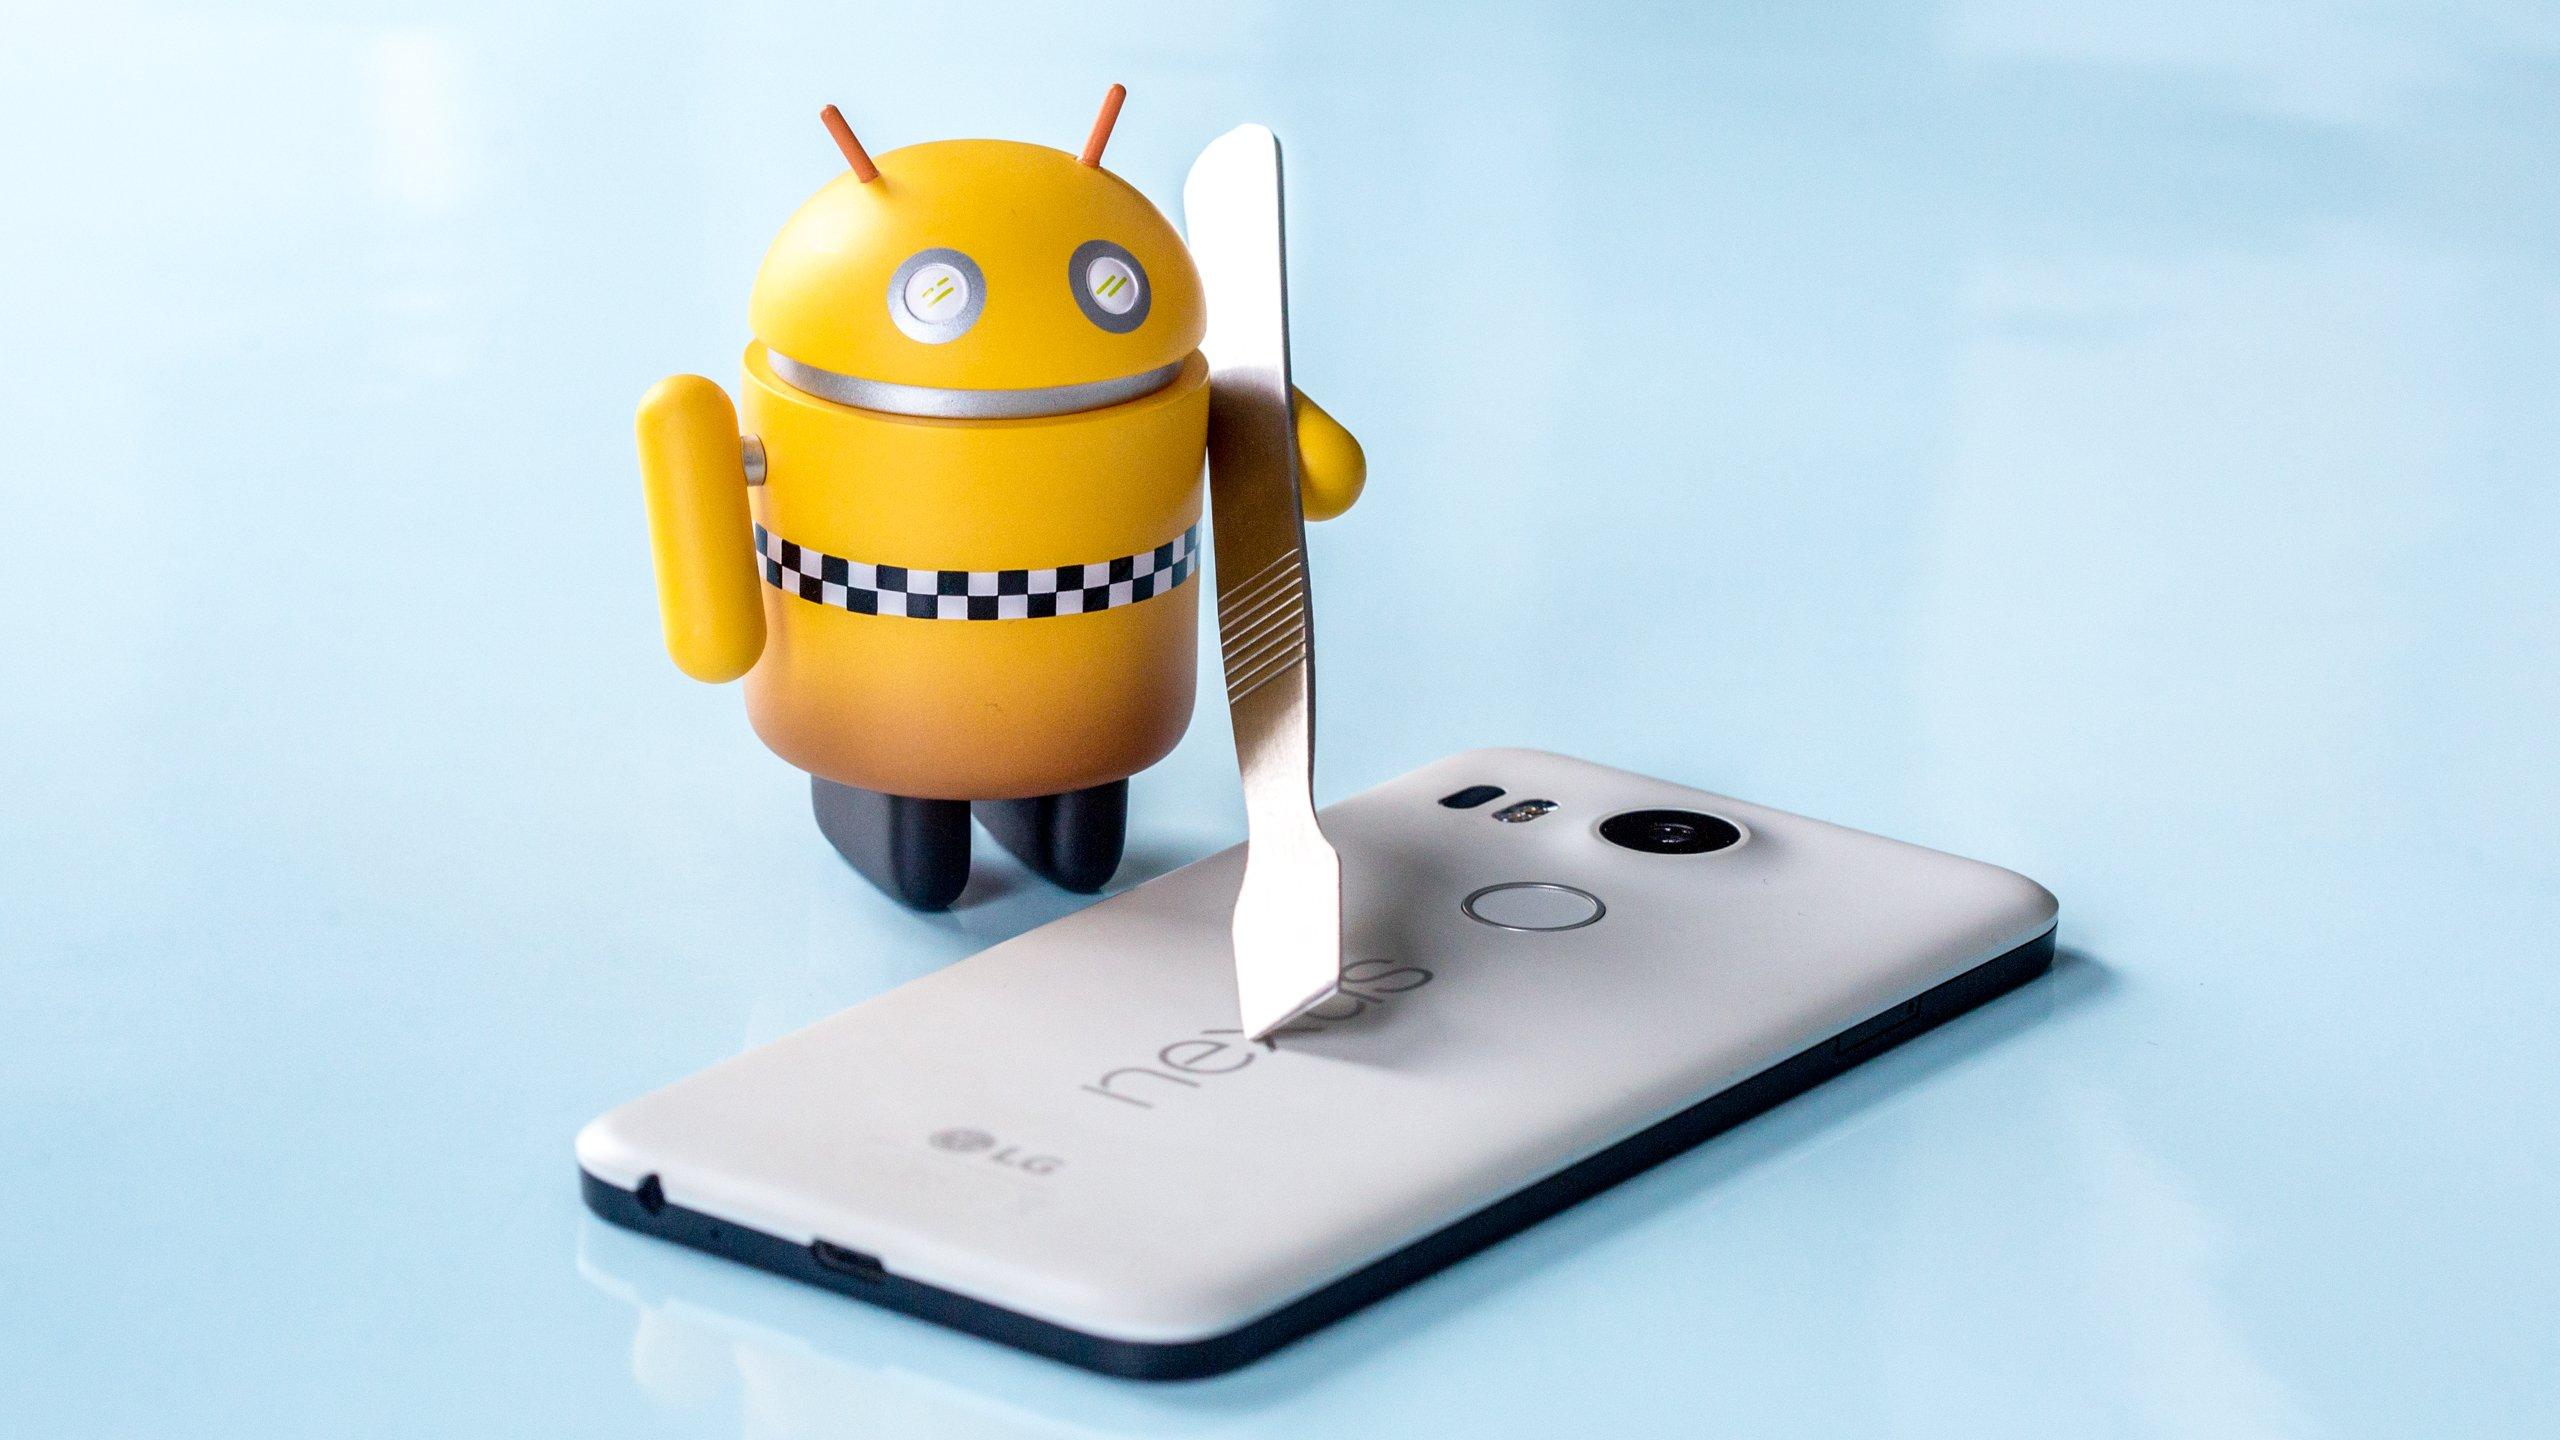 Cách root Android không cần máy tính chỉ trong 2 phút